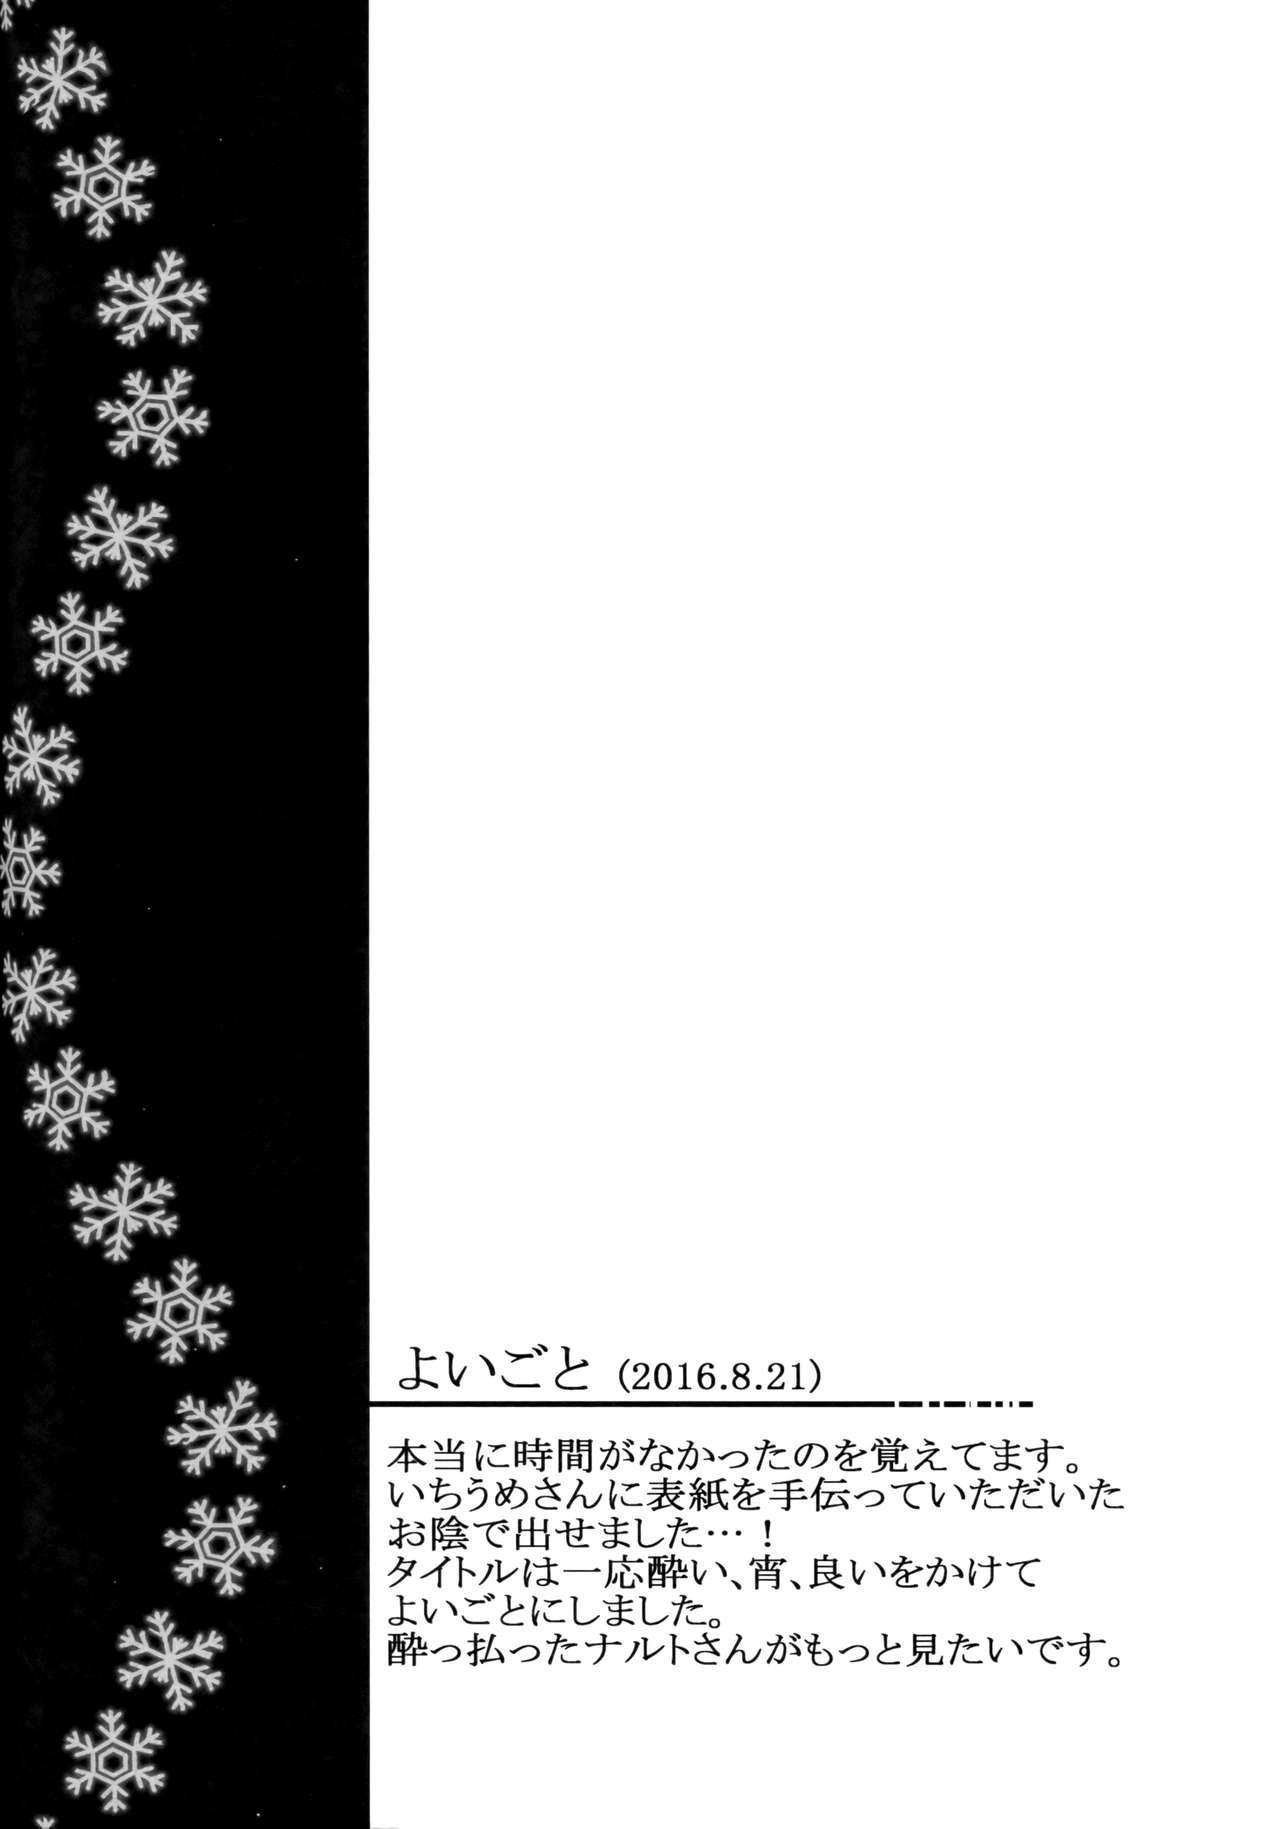 Fuyuiro Memories - Winter Color Memories 256